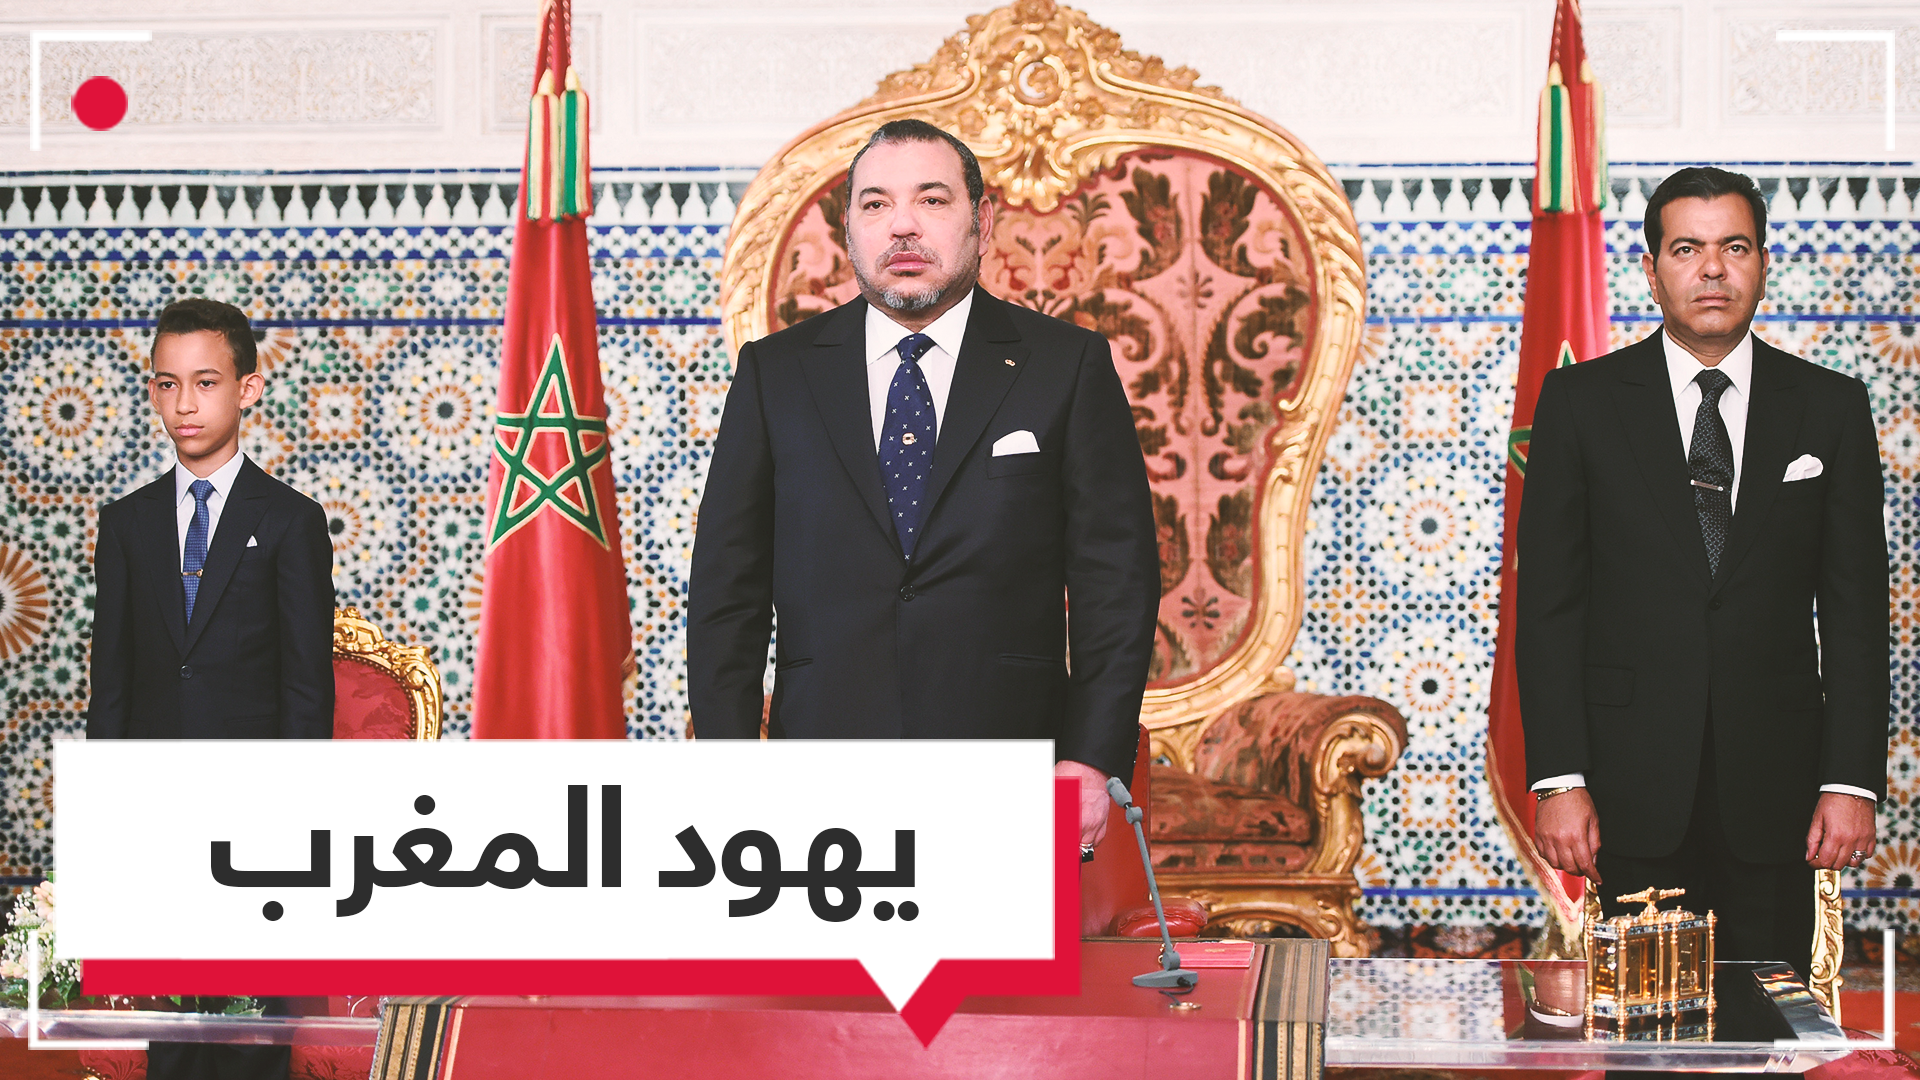 محمد السادس يأمر بانتخابات خاصة باليهود.. هدفها الدفاع عن مصالحهم في المغرب وتدبير علاقاتهم